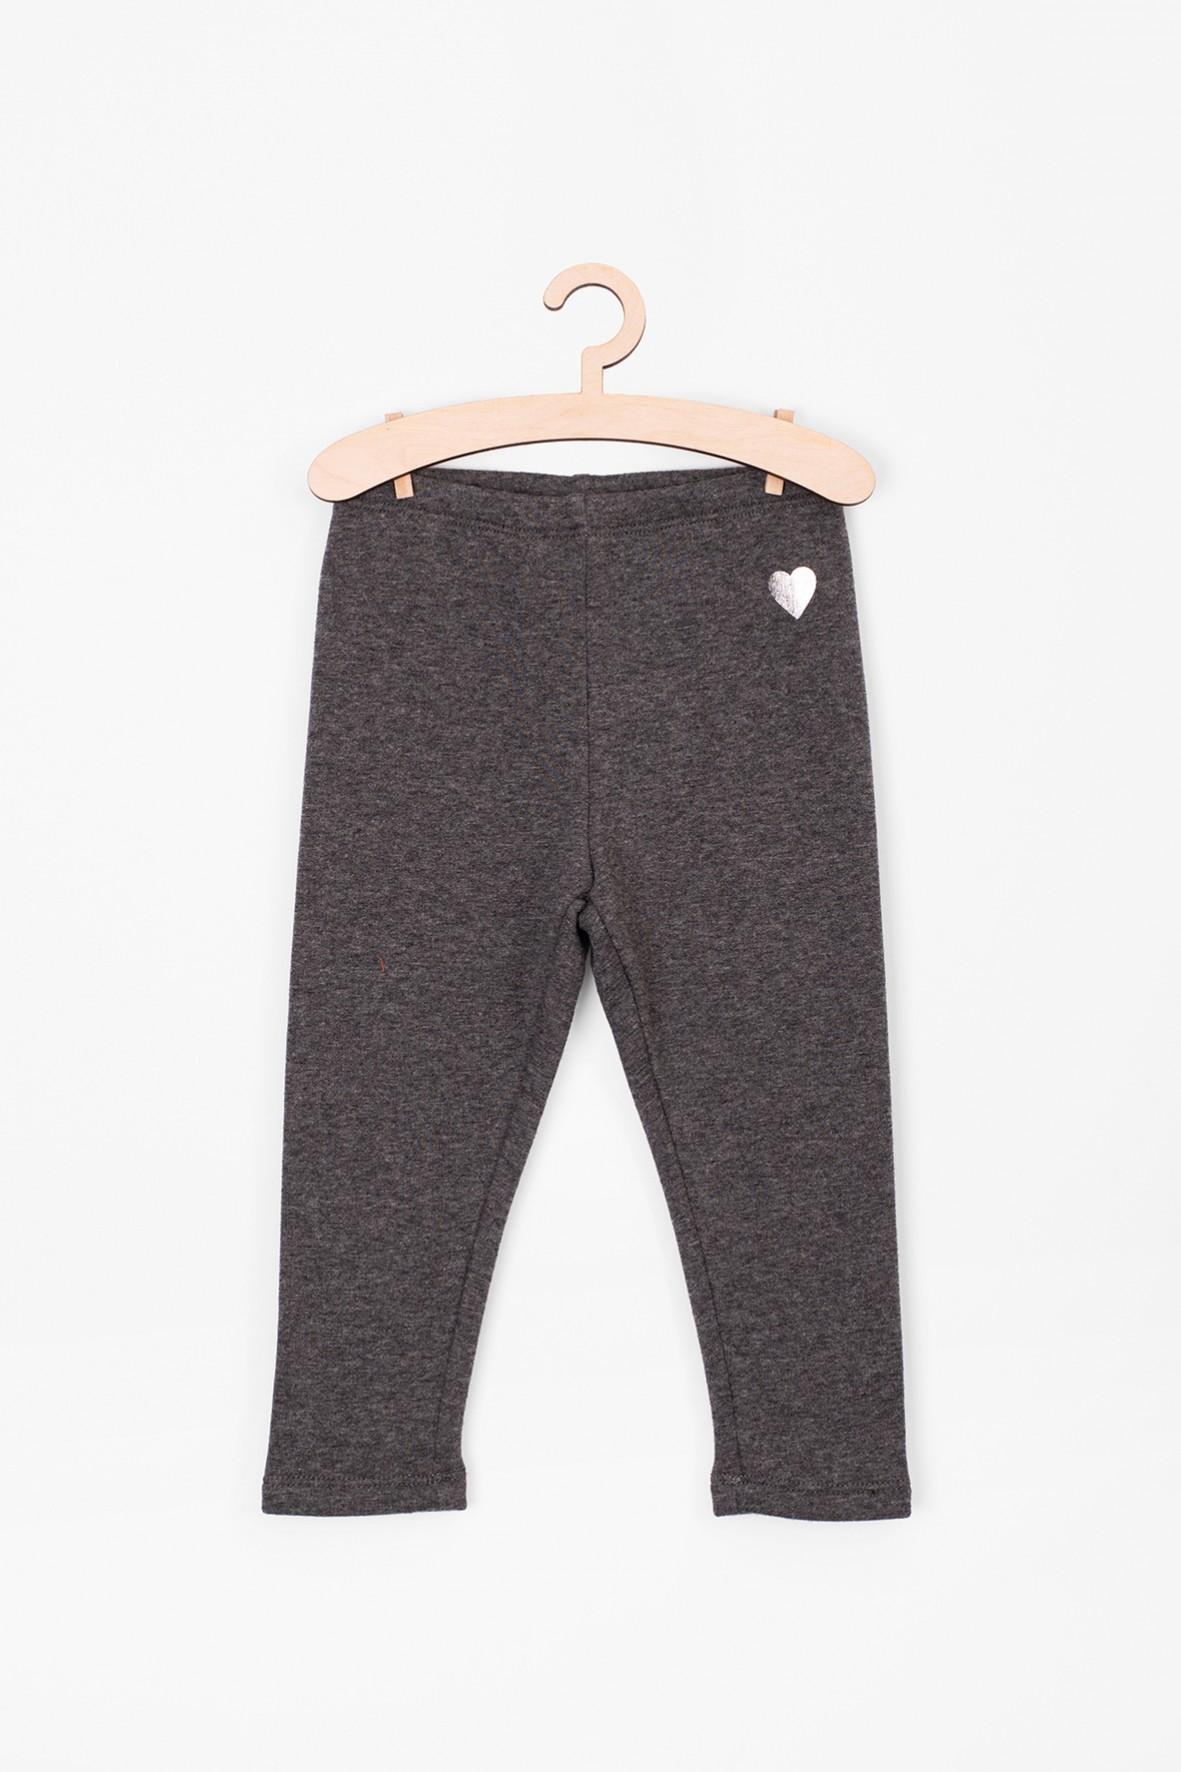 Leginsy dla niemowlaka- szare ocieplane